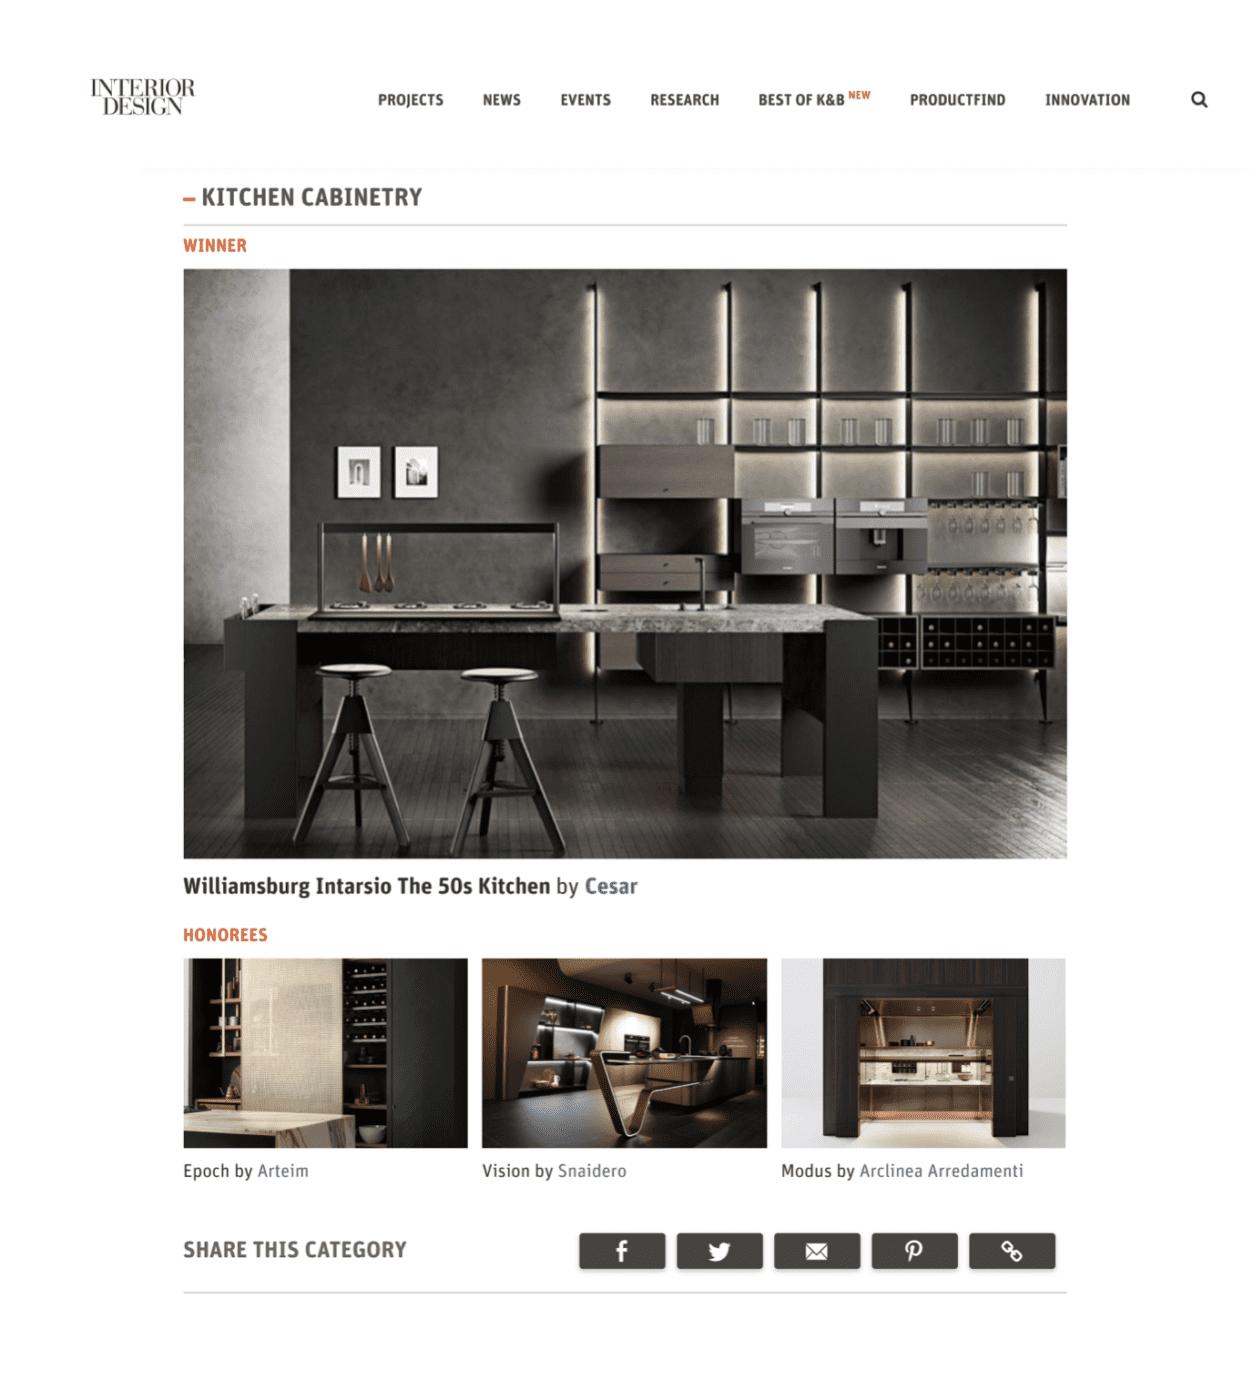 Cesar Wins Best Of Year Award Model Kitchen Design Award Winning Kitchen Interior Design Magazine